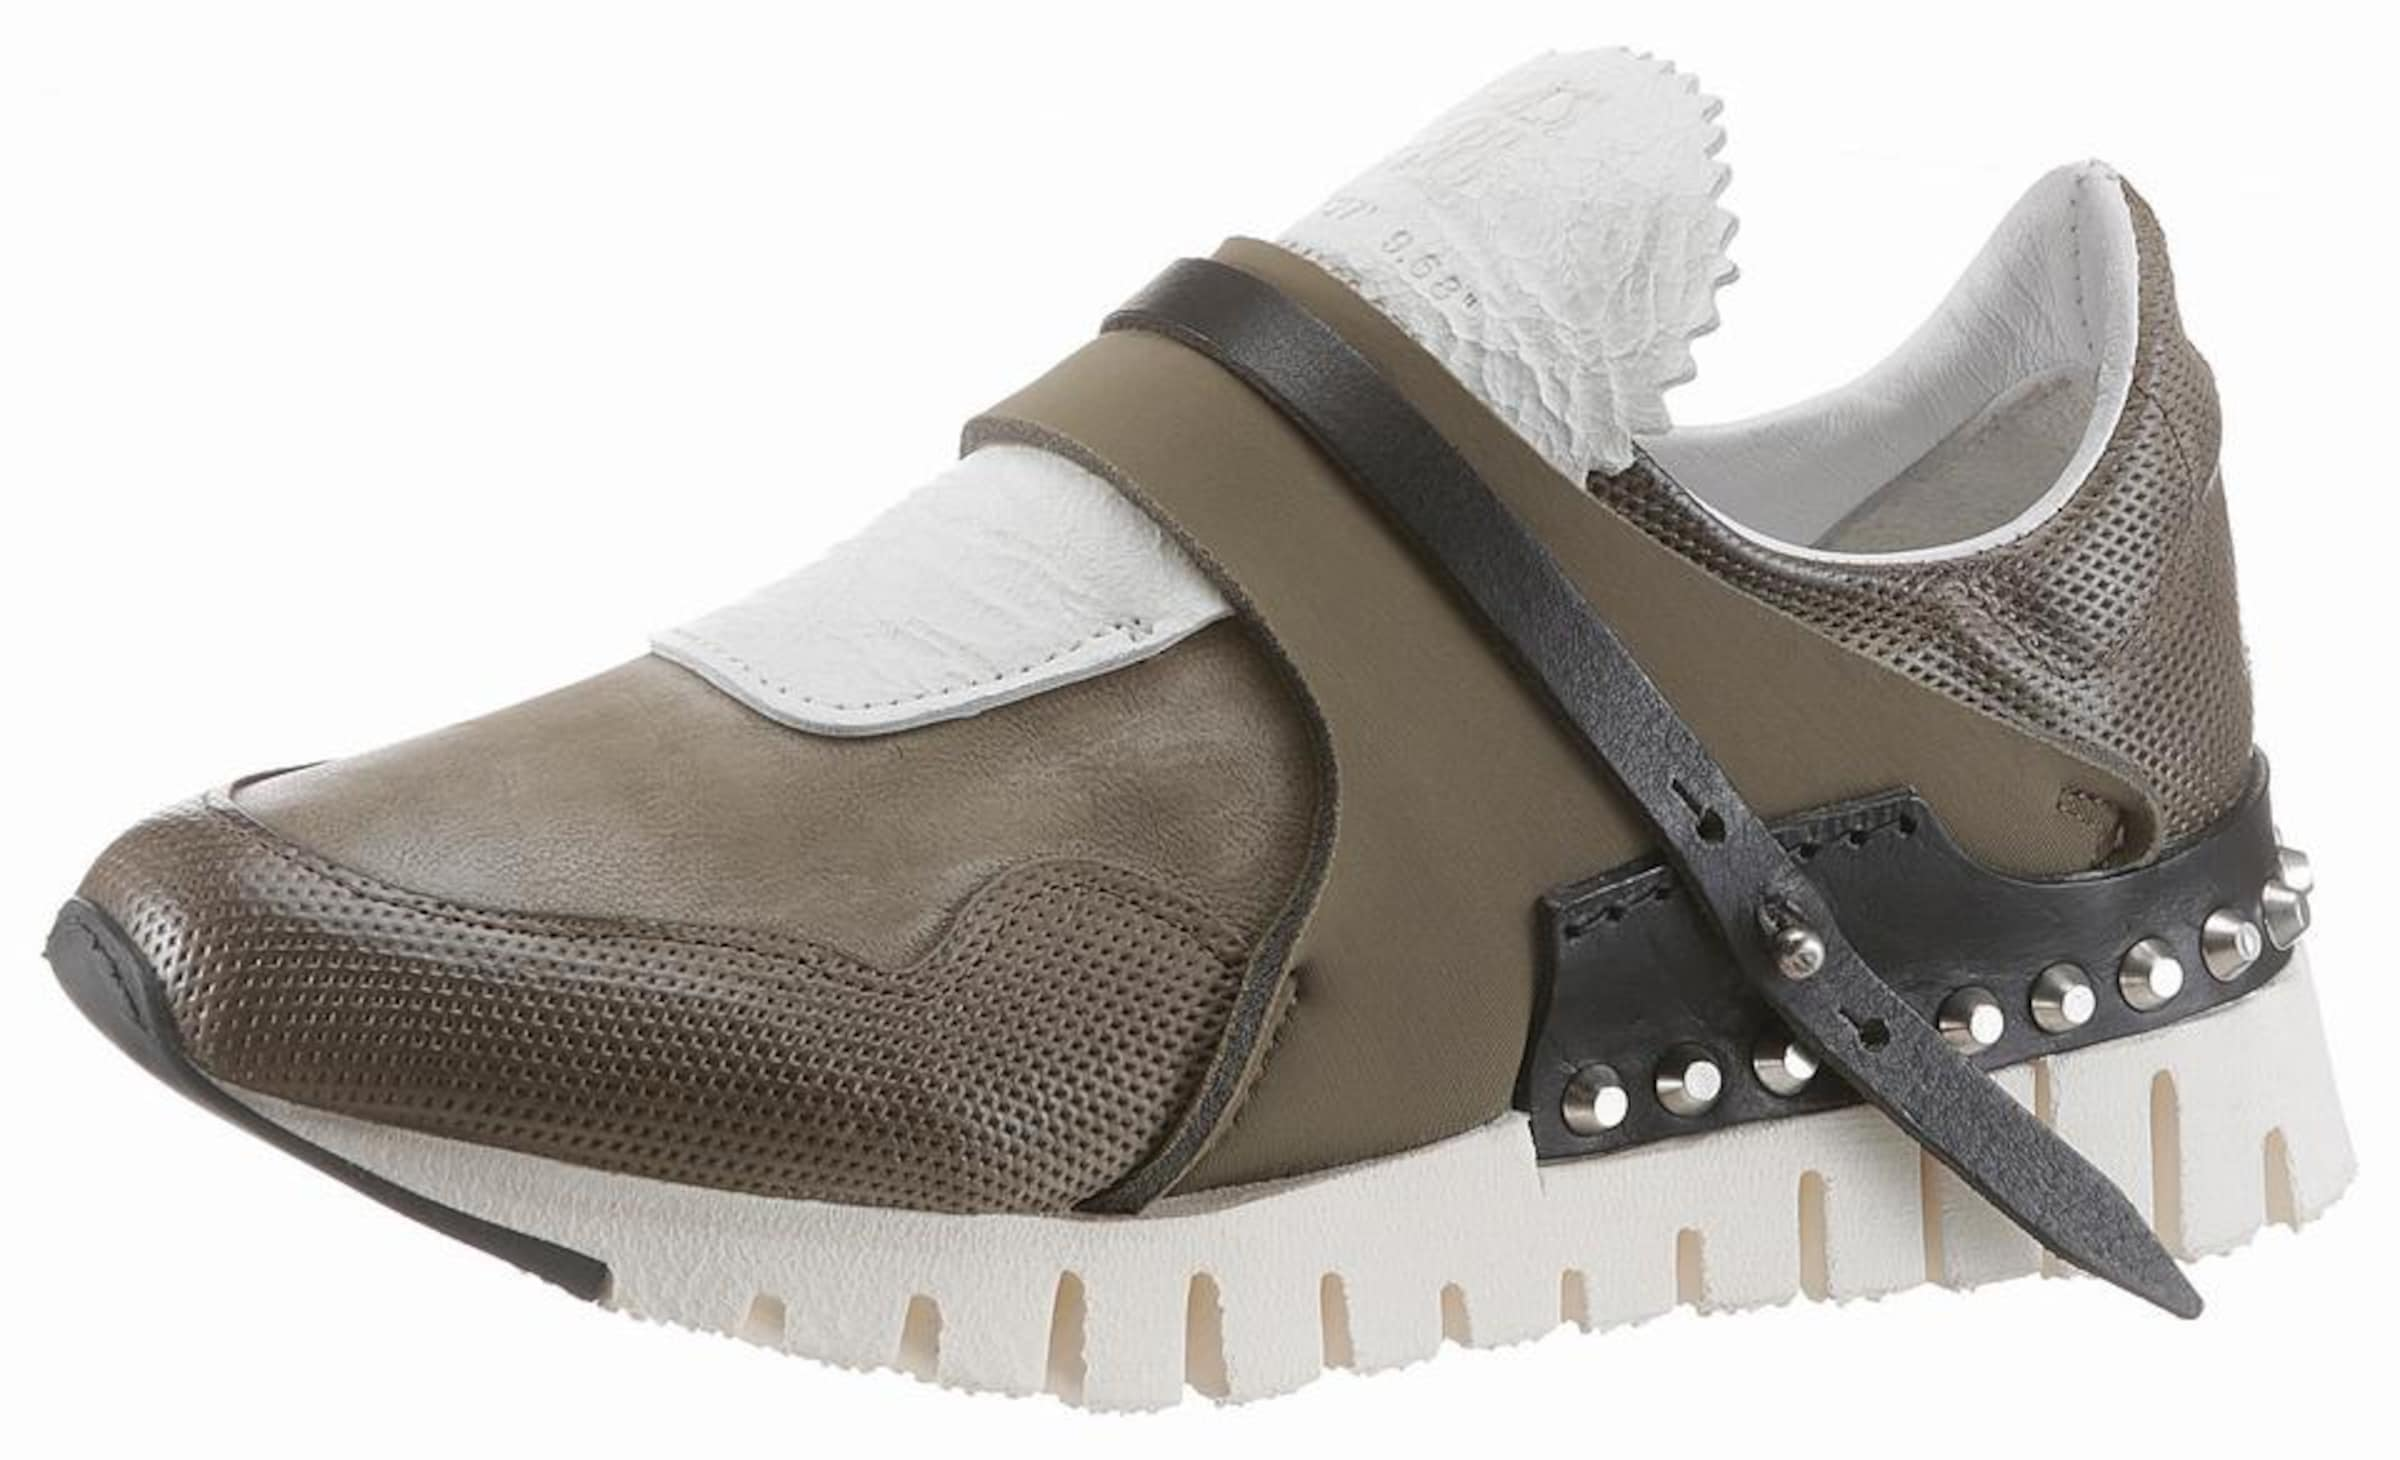 A S 98 'Denalux' Sneaker A Sneaker 'Denalux' S S A 98 5xHqI6